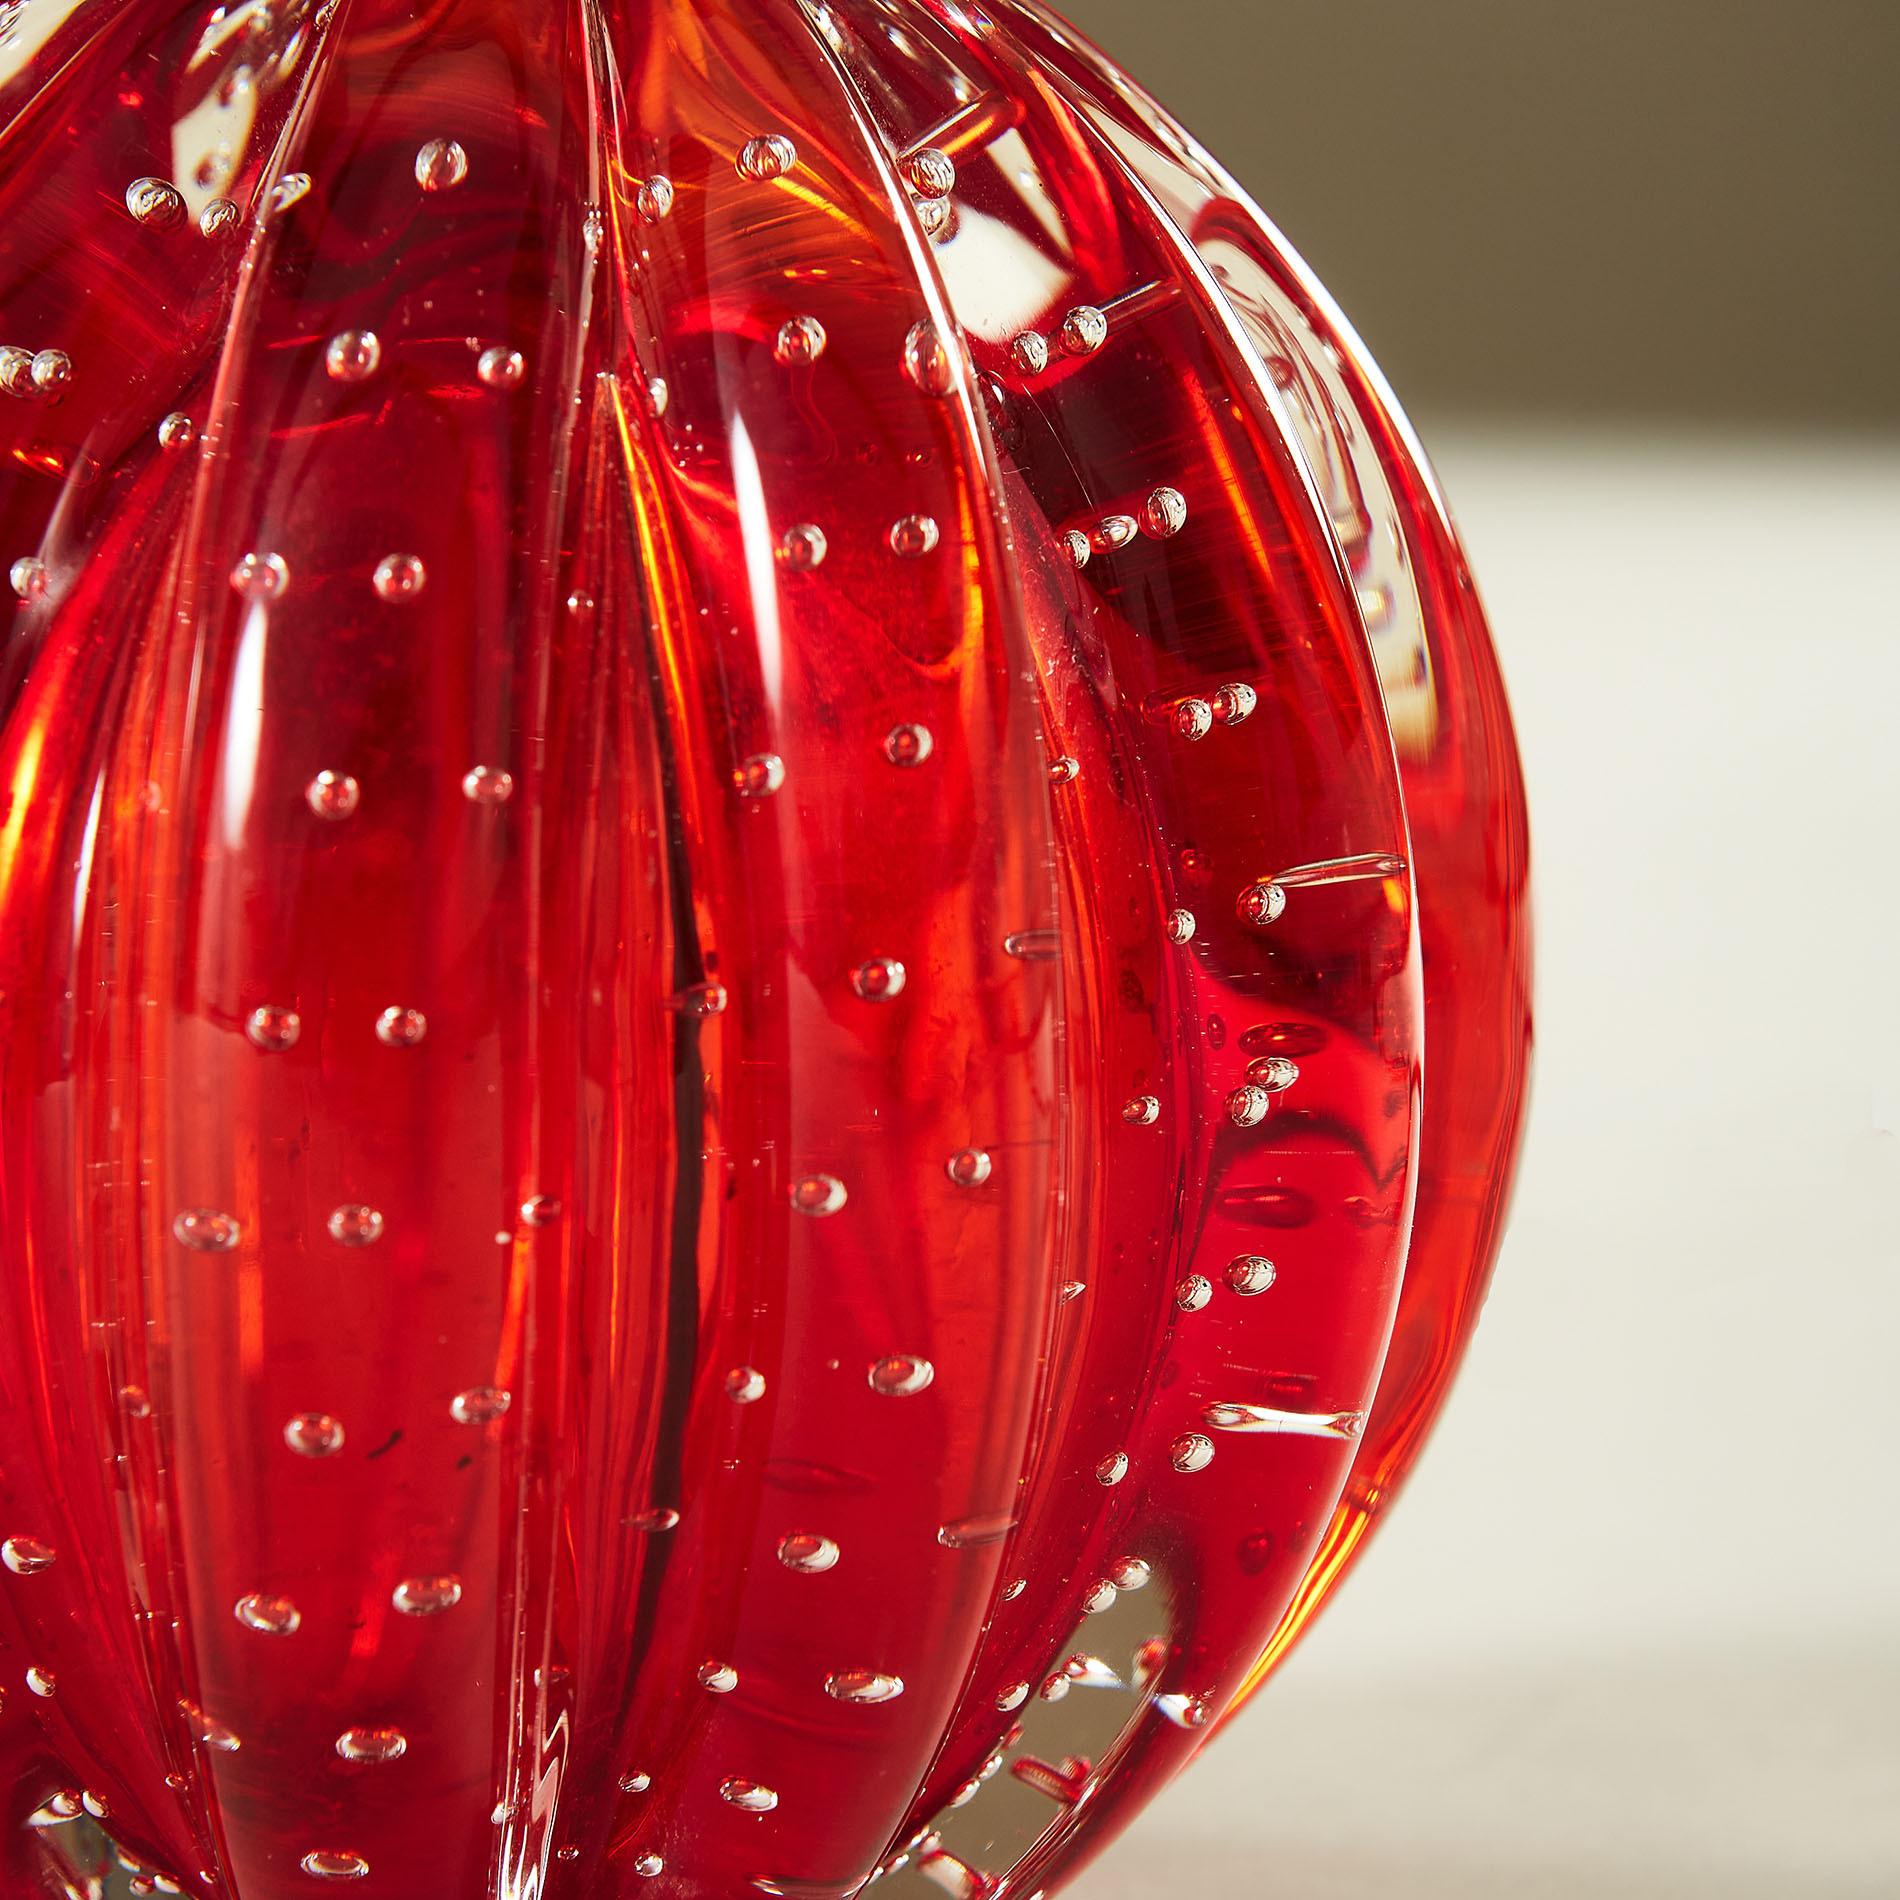 Red Murano Ball Lamp 20210225 Valerie Wade 3 076 V1